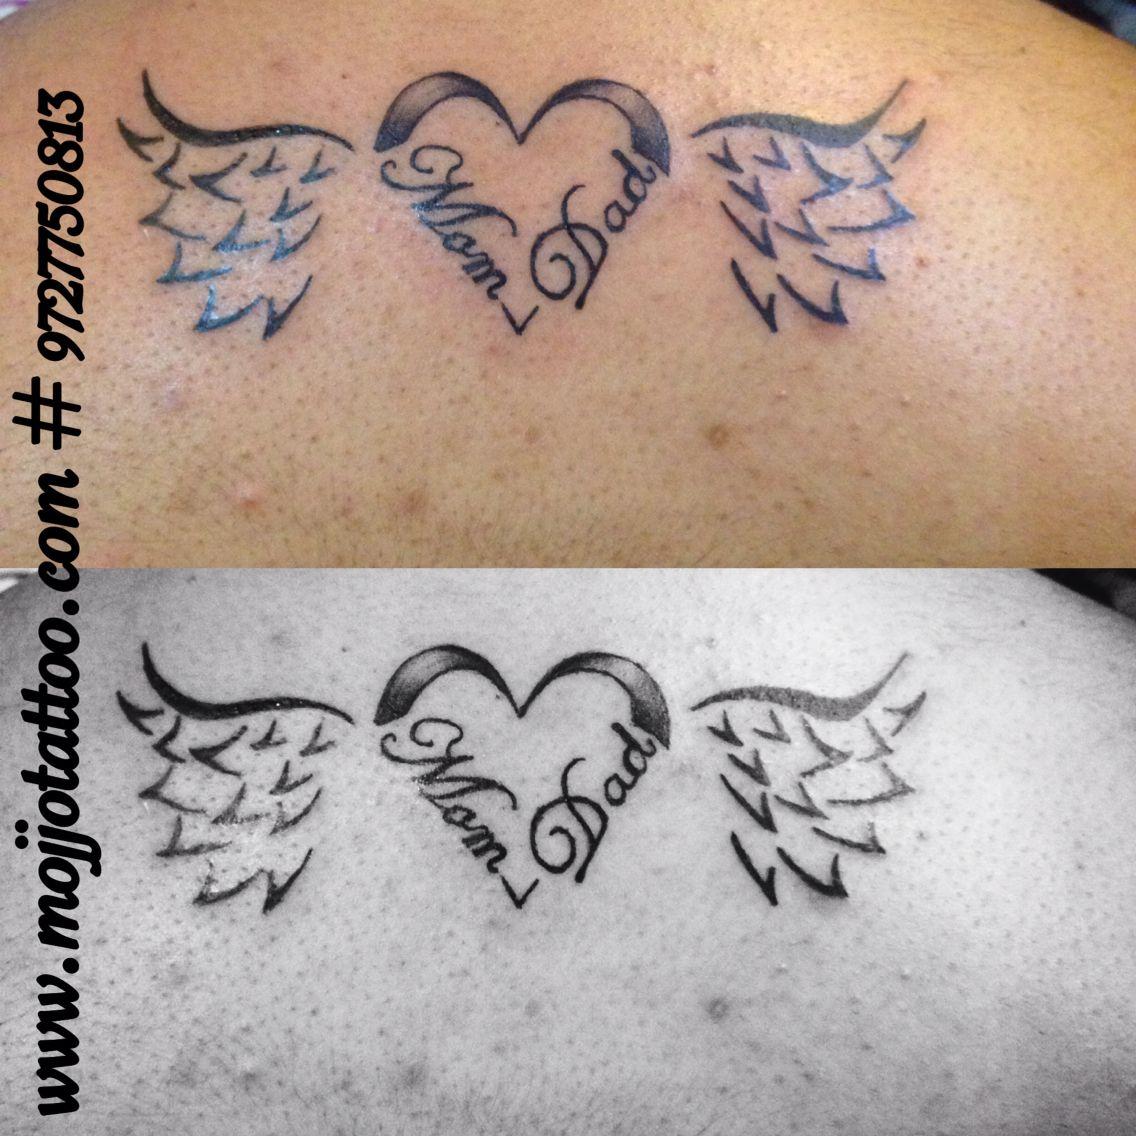 Tattoo Dedicated To Parents Made By Vaishali At Mojjo